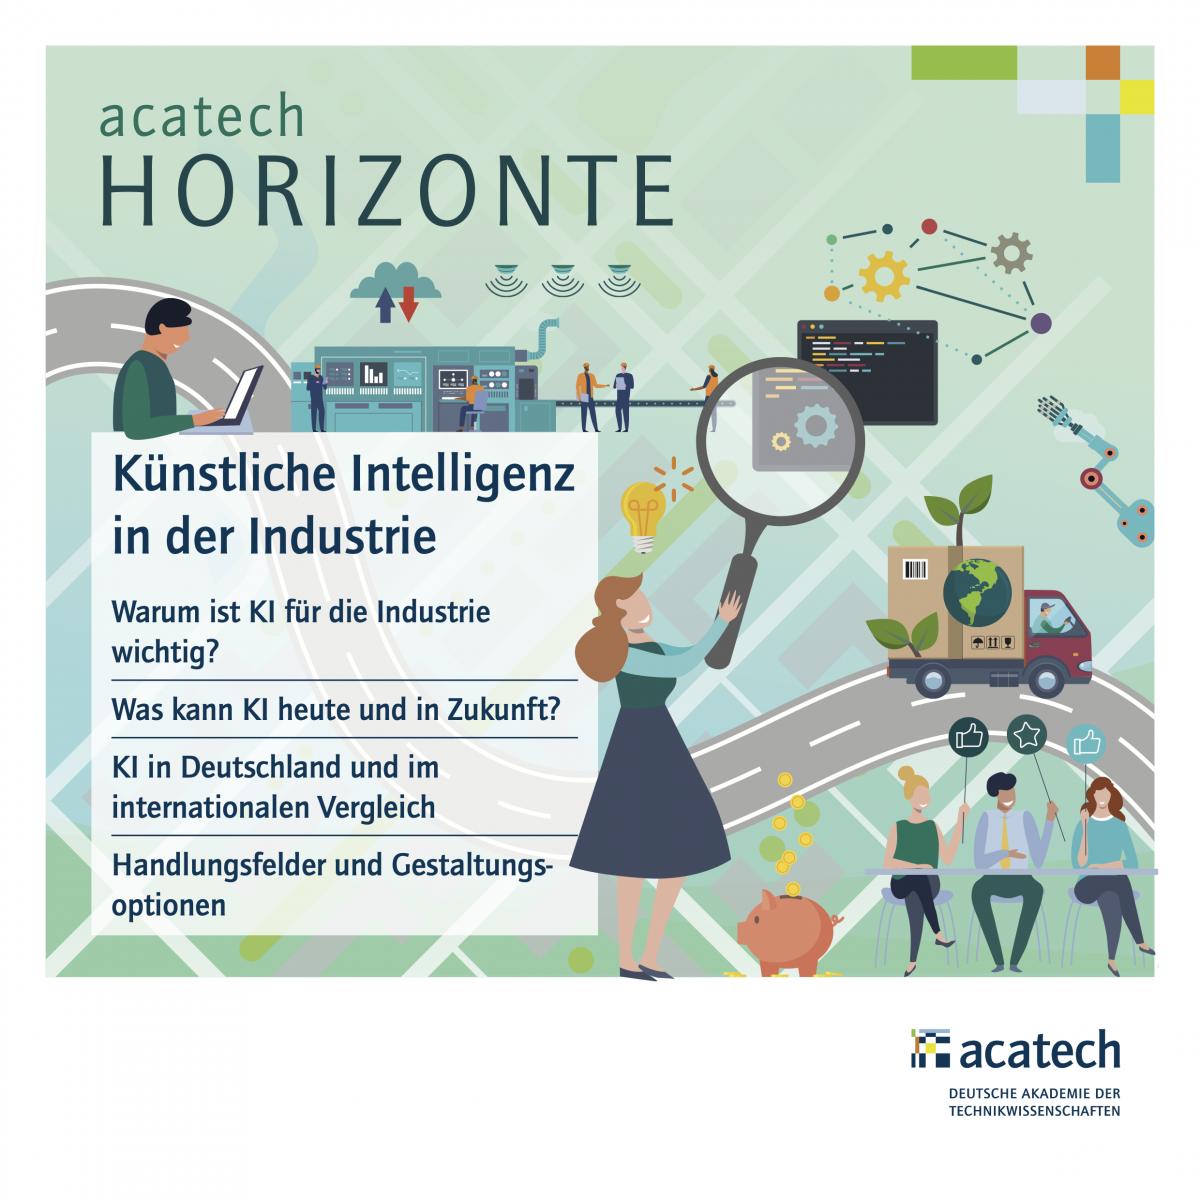 Titelgrafik der HORIZONTE Publikation Künstliche Intelligenz in der Industrie mit abstrahierten Personen, Fahrzeugen, Produktionsanlagen